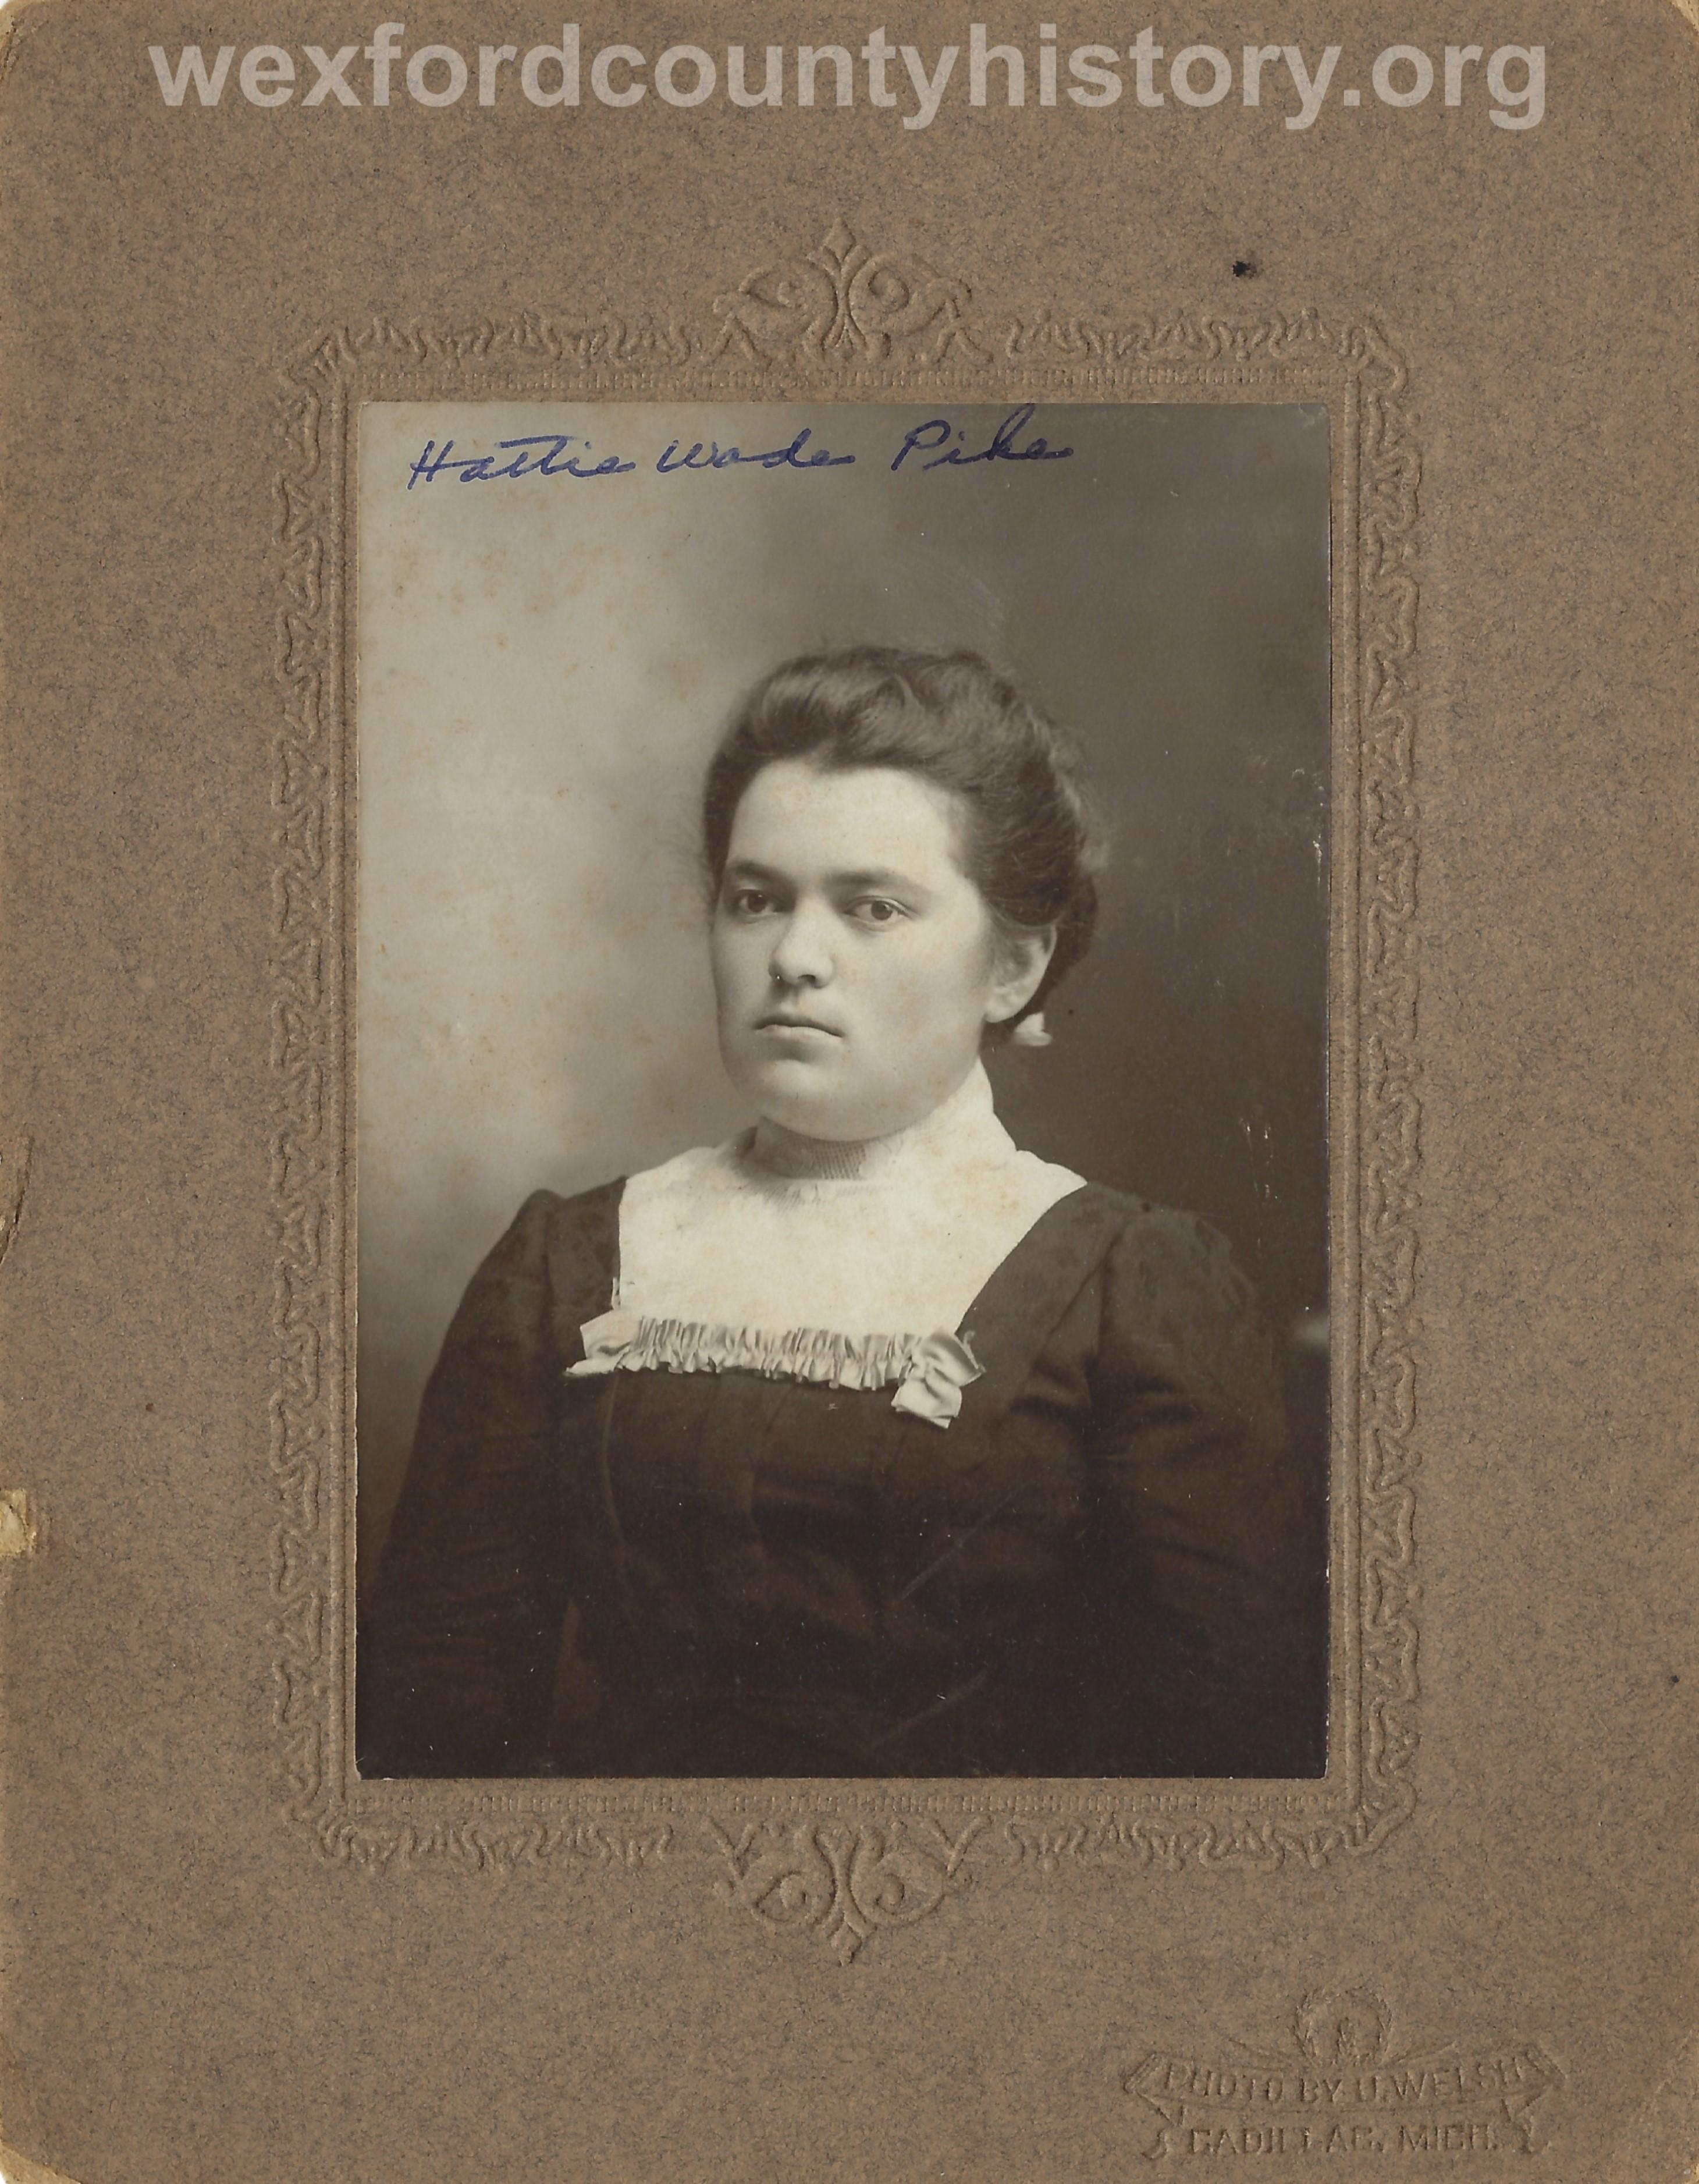 Hattie Wade Pike